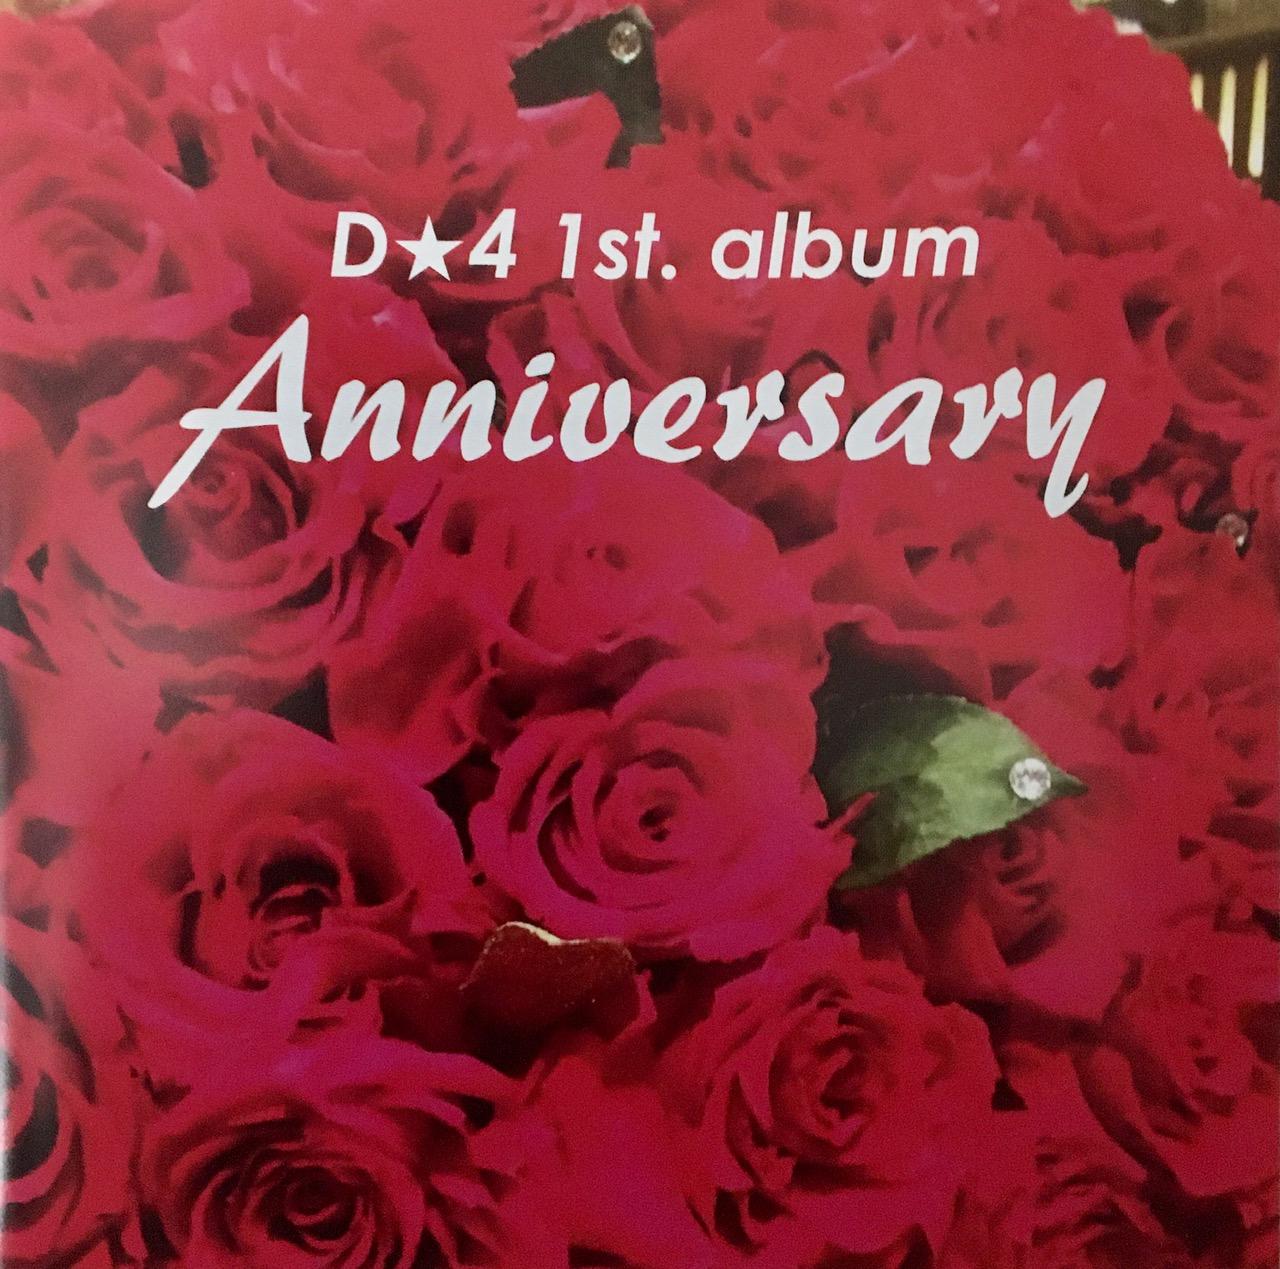 D★4 1st album